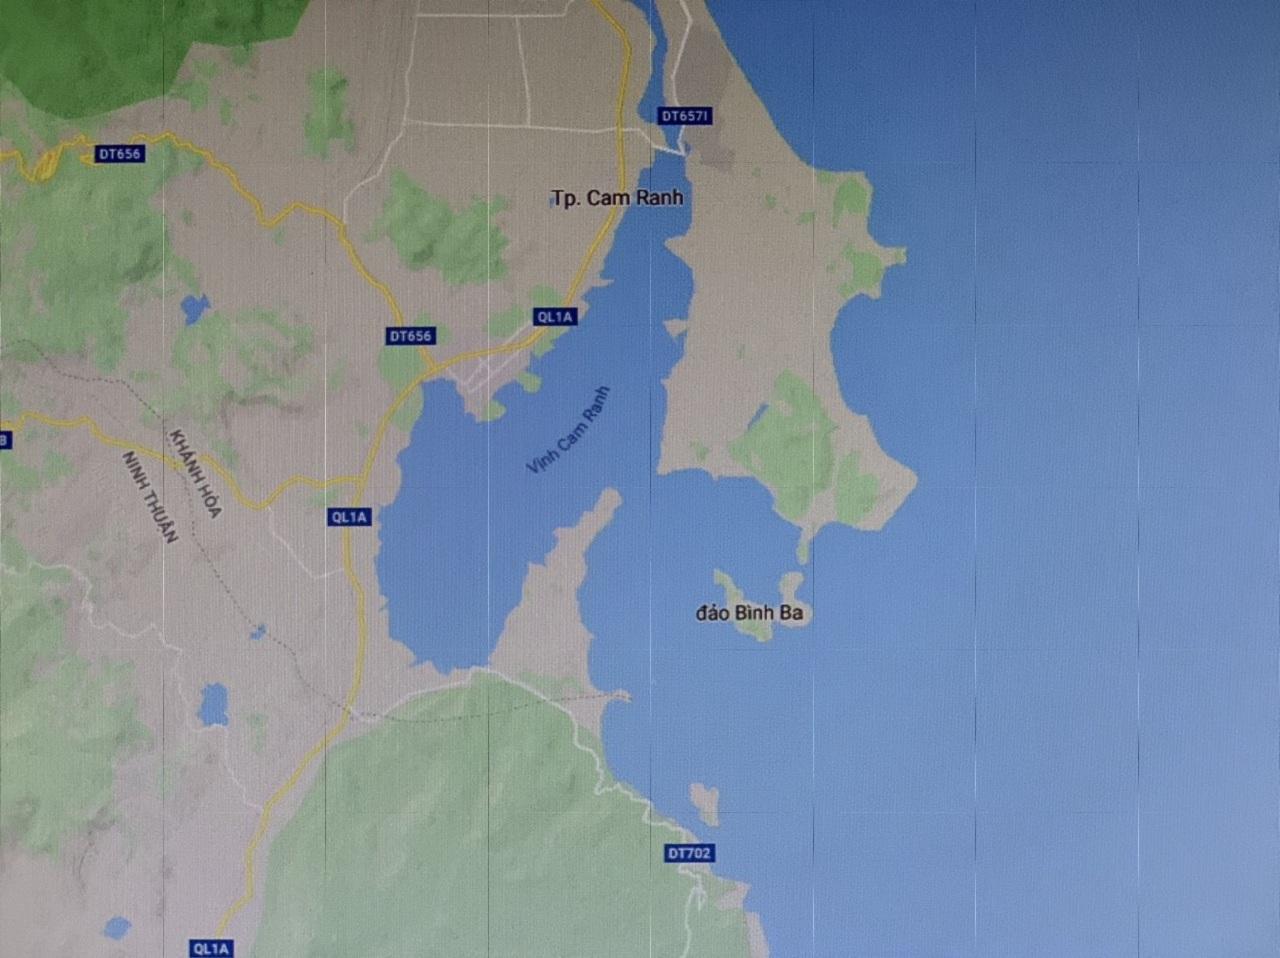 Các Bạn có thể nhìn trên Bản Đồ - Cam Ranh có 1 vị thế biển rất đẹp